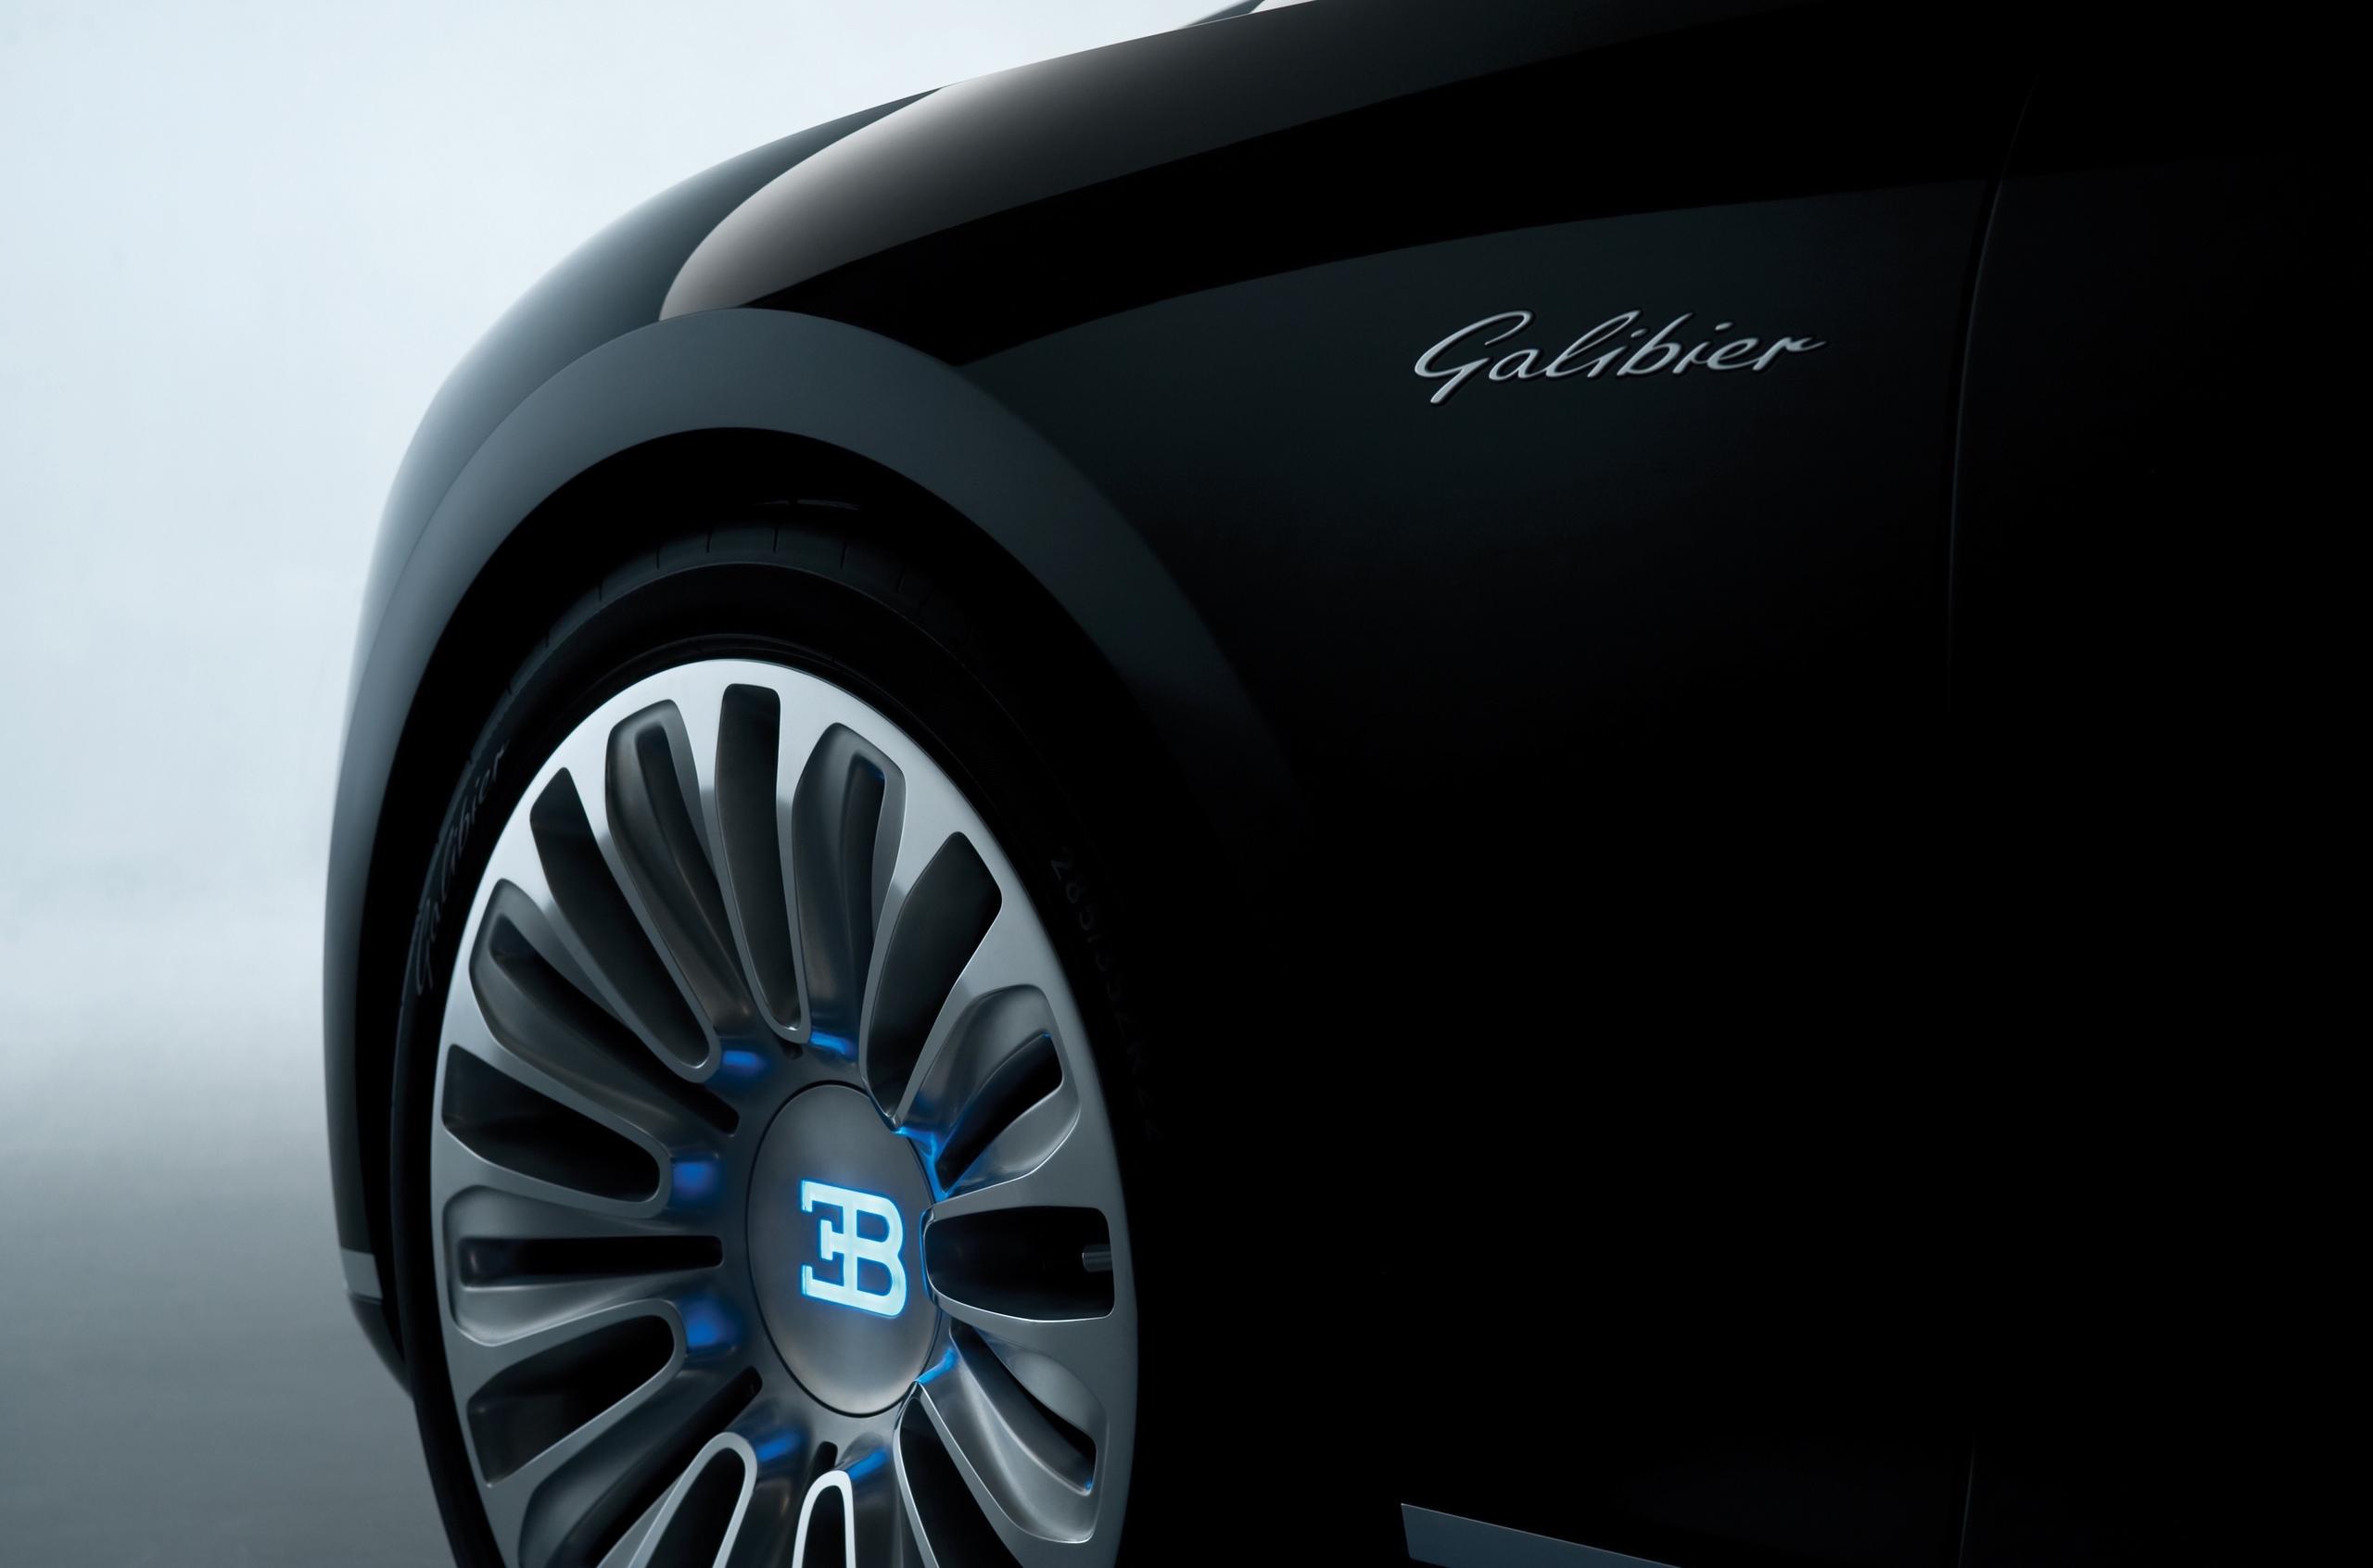 Вместо кроссовера Bugatti выпустит электрический суперкар